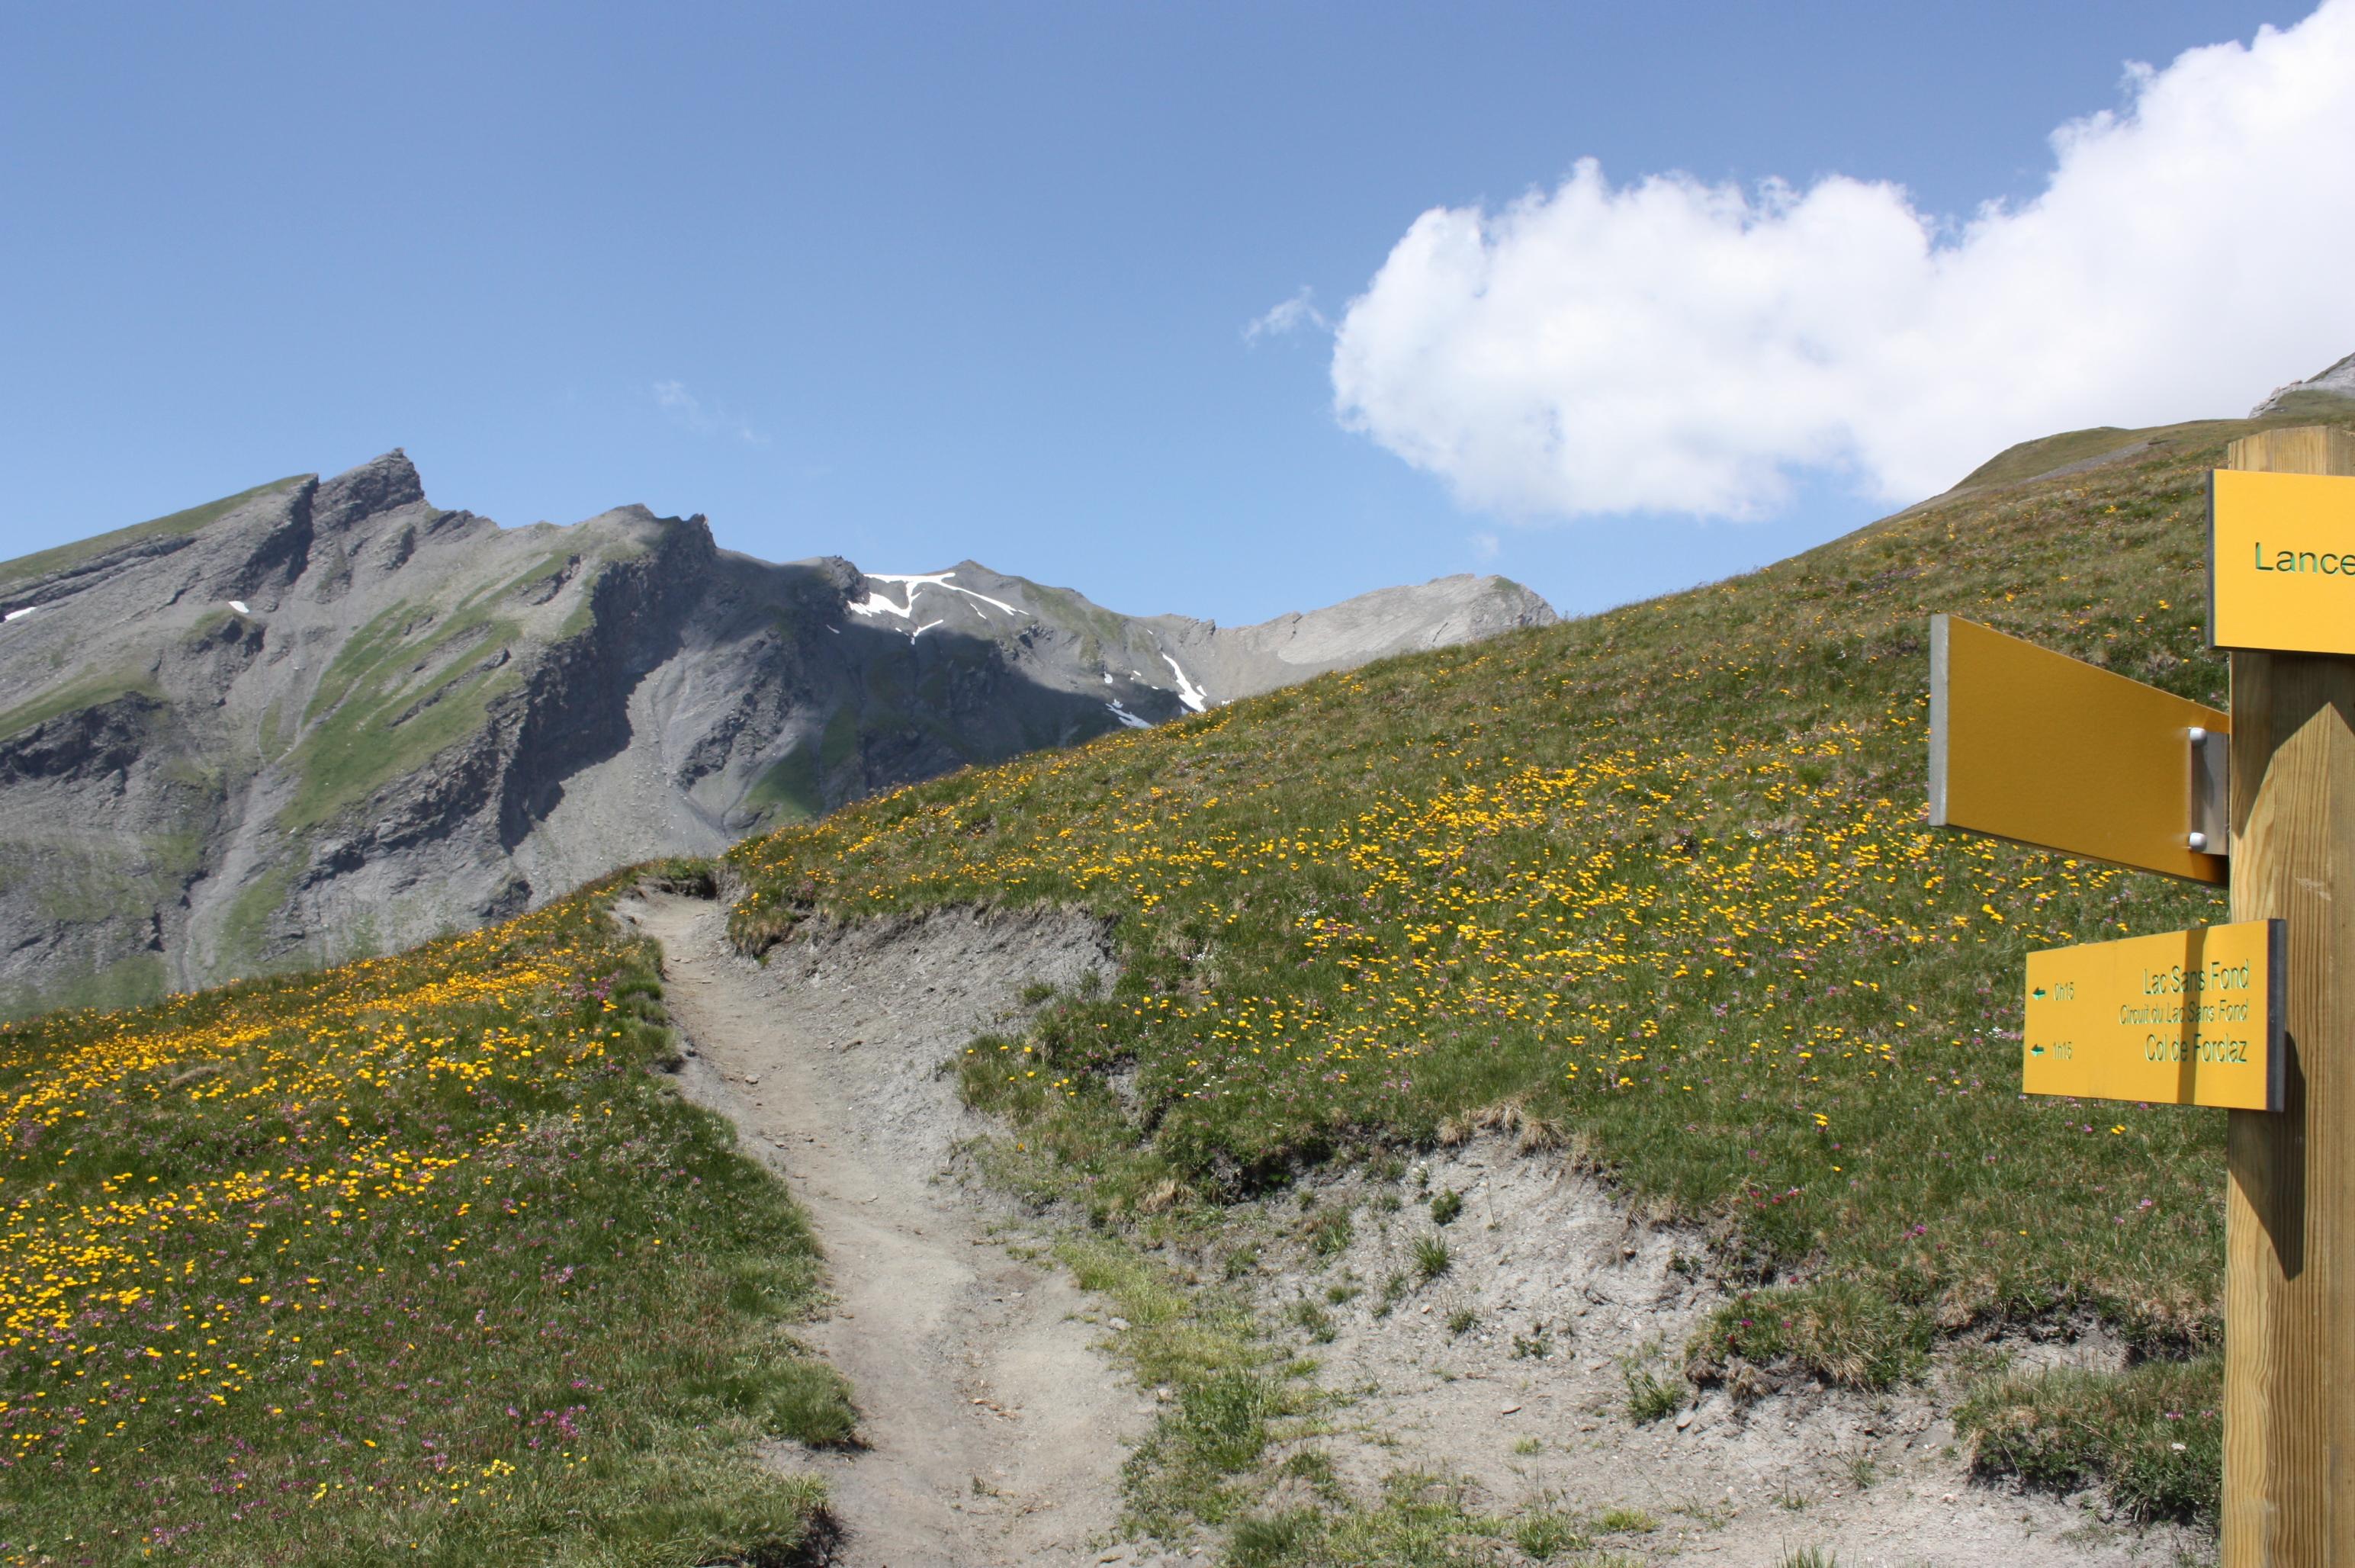 (Français) Panneaux et sentiers - Randonnée dans les Alpes